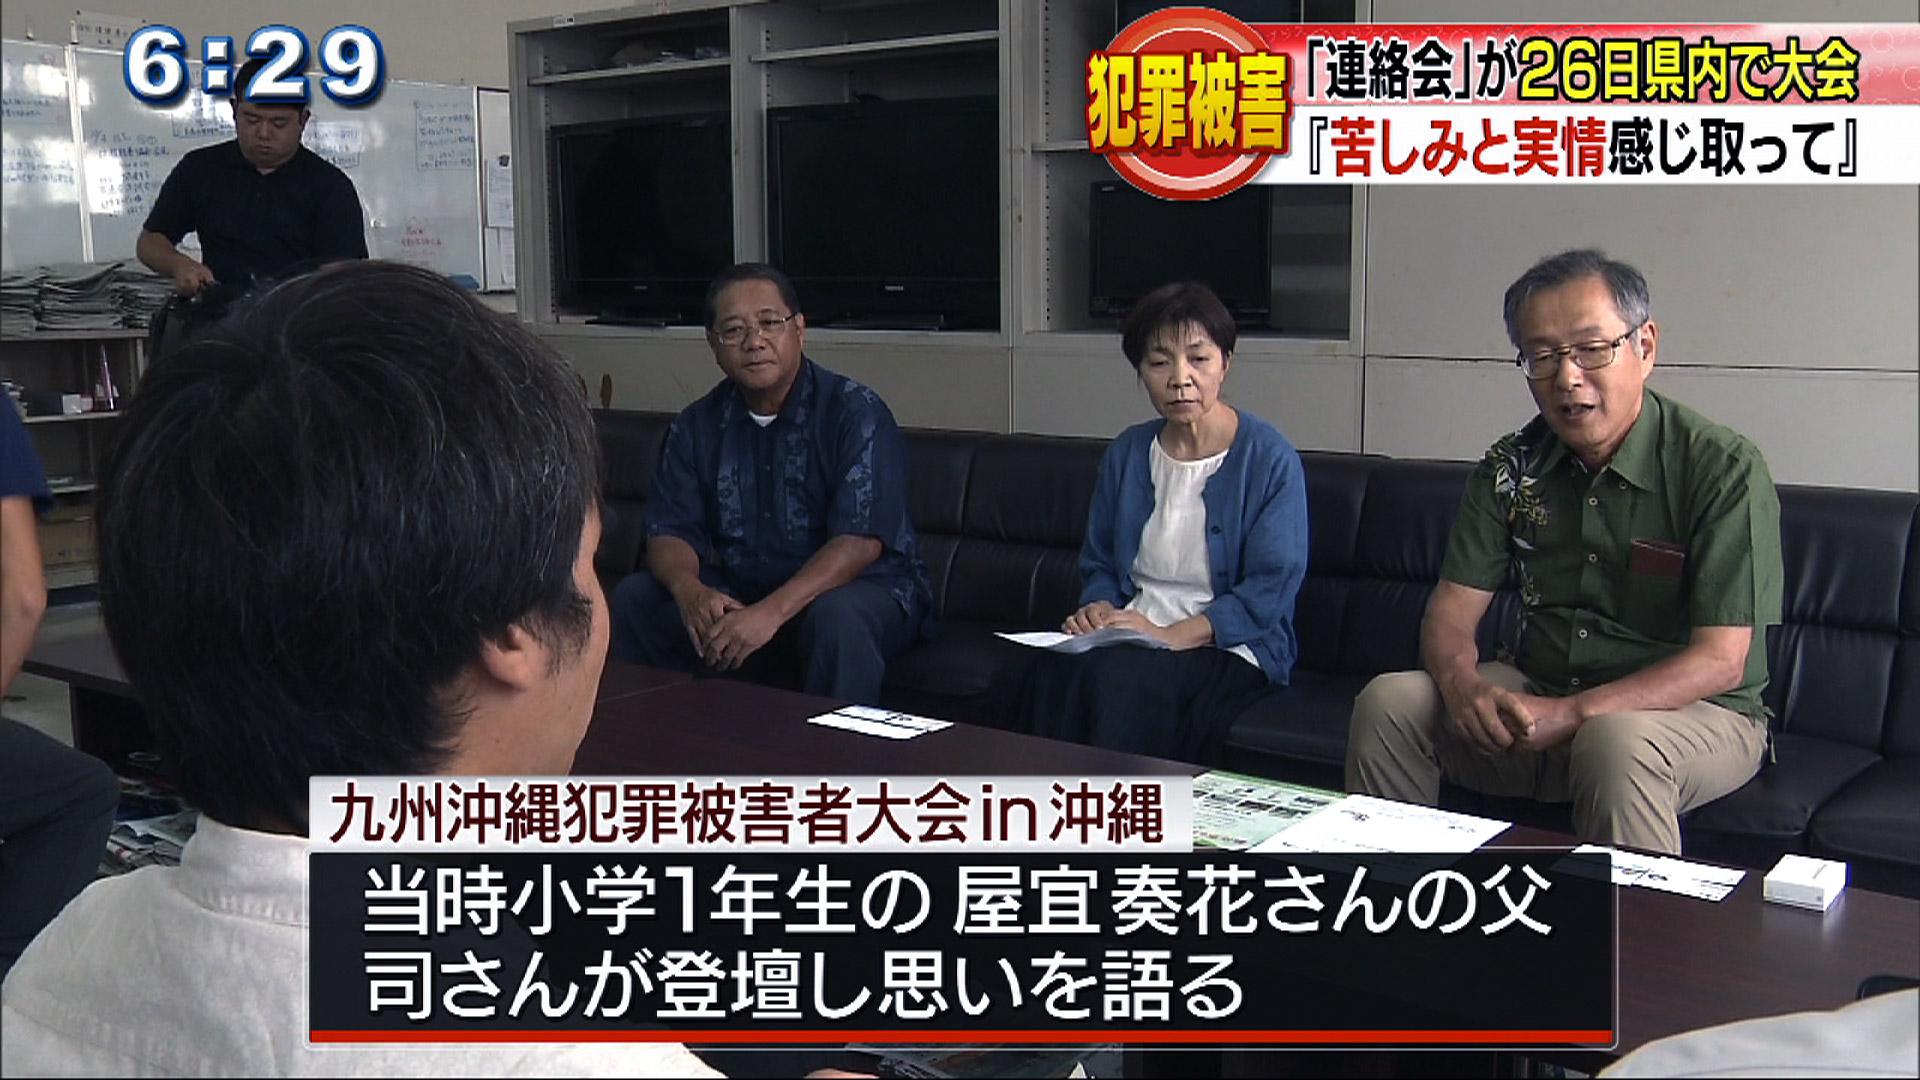 今月26日に九州・沖縄犯罪被害者大会